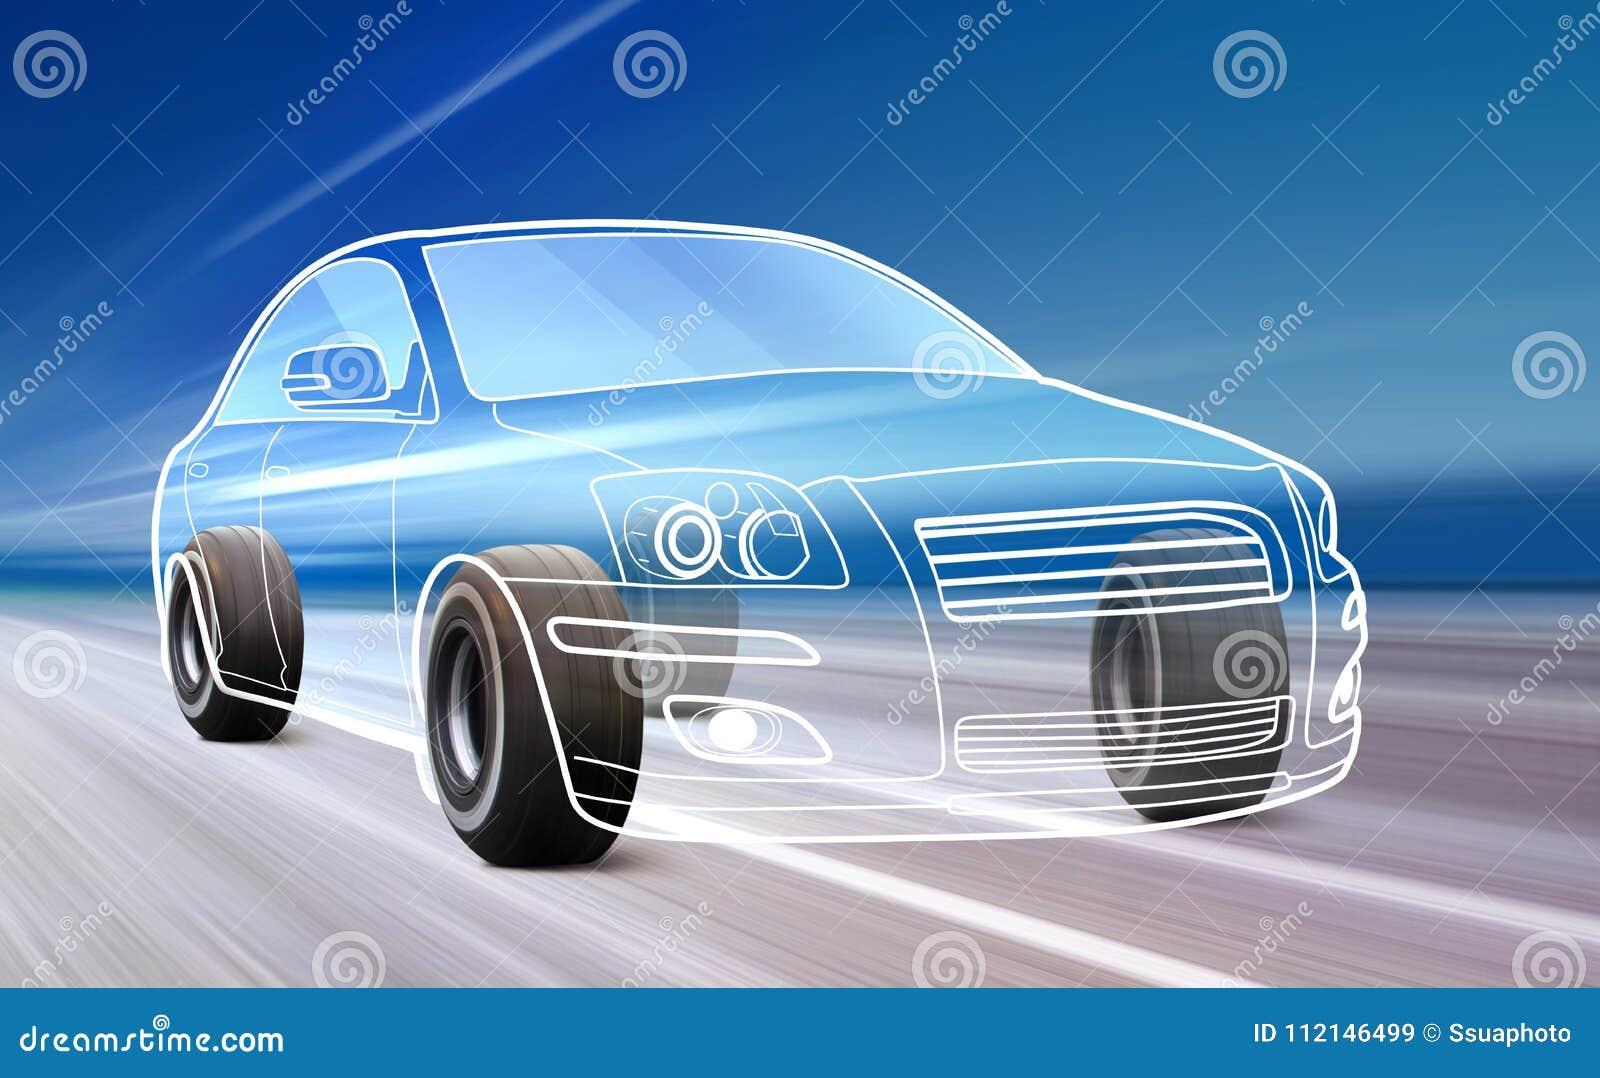 Fantastisch Entwurf Für Autos Zeitgenössisch - Elektrische ...